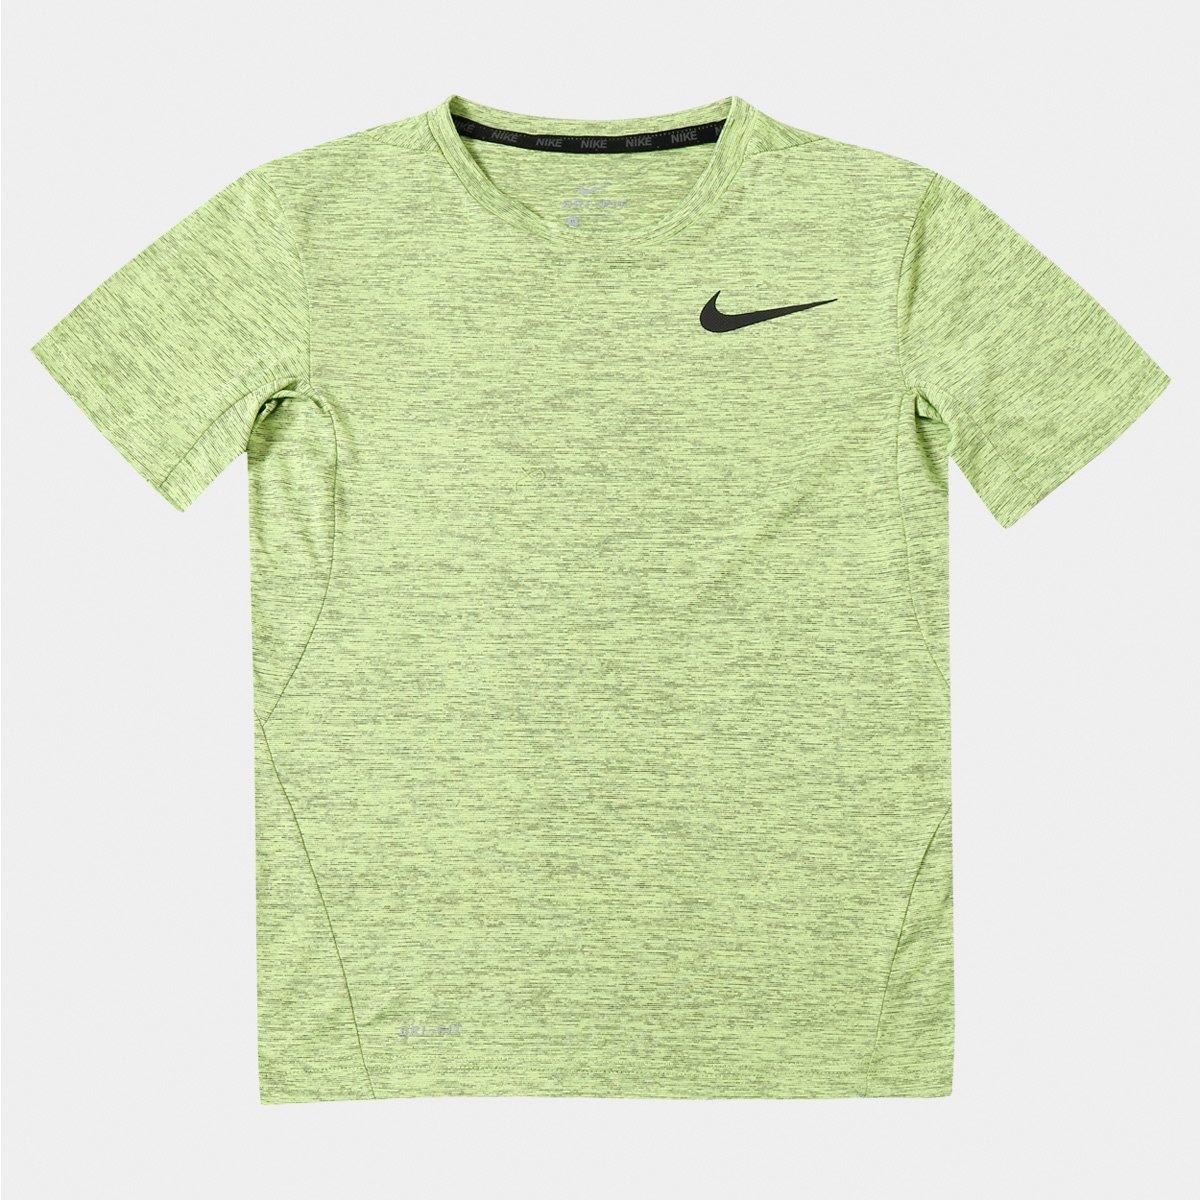 e89f28a8023b8 Camiseta Nike Dri-Fit Training Infantil - Compre Agora